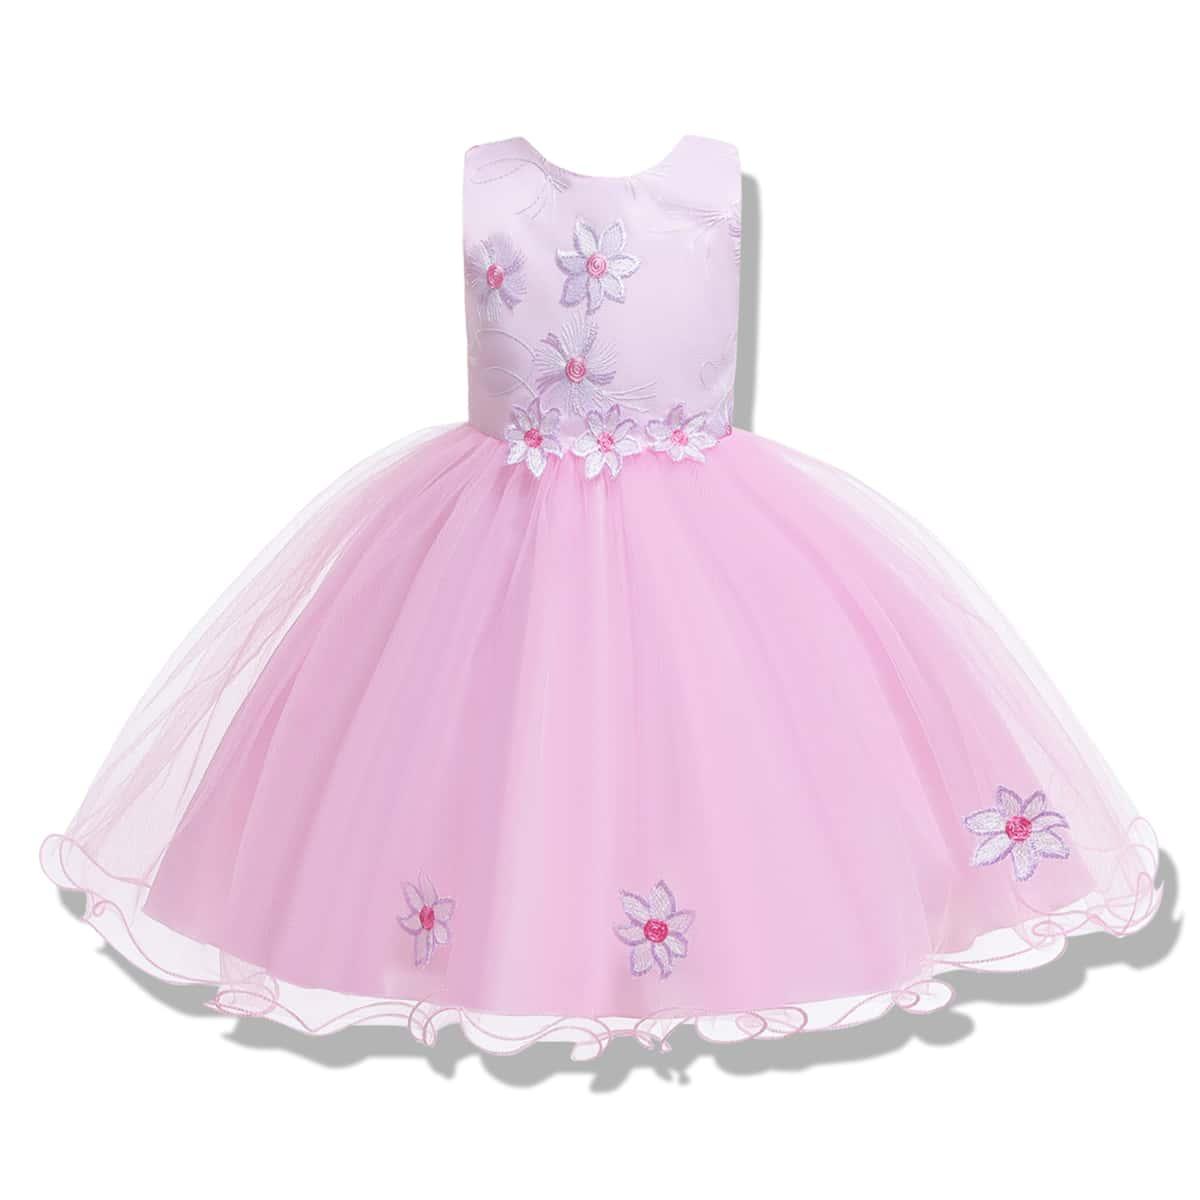 С аппликацией цветочный принт очаровательный нарядное платье для маленьких девочек